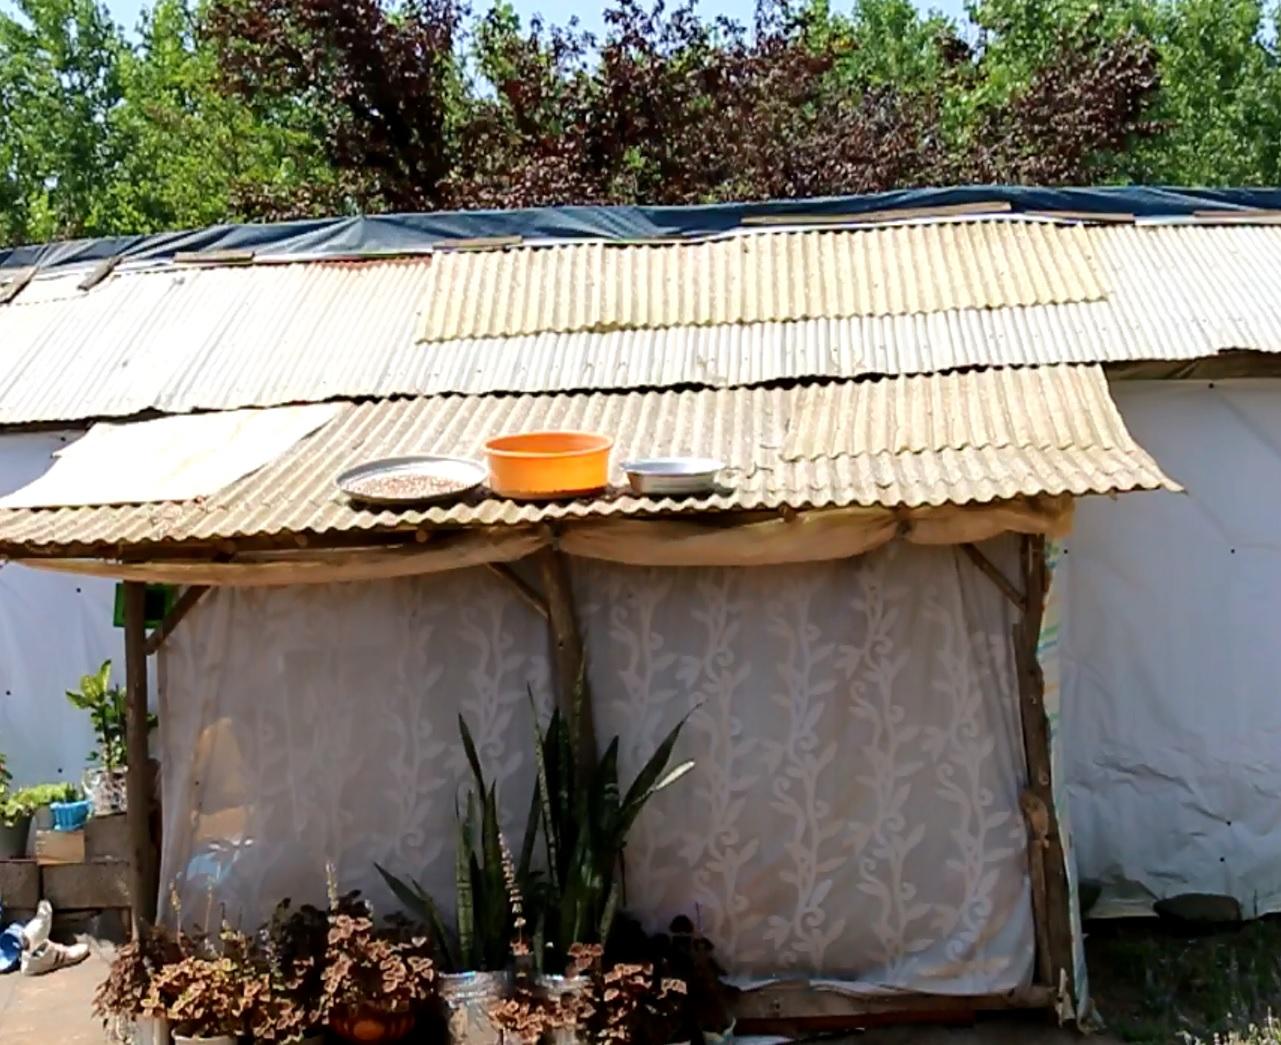 وضعیت ۱۵ ساله خانوادهای در کتکول دافچاه